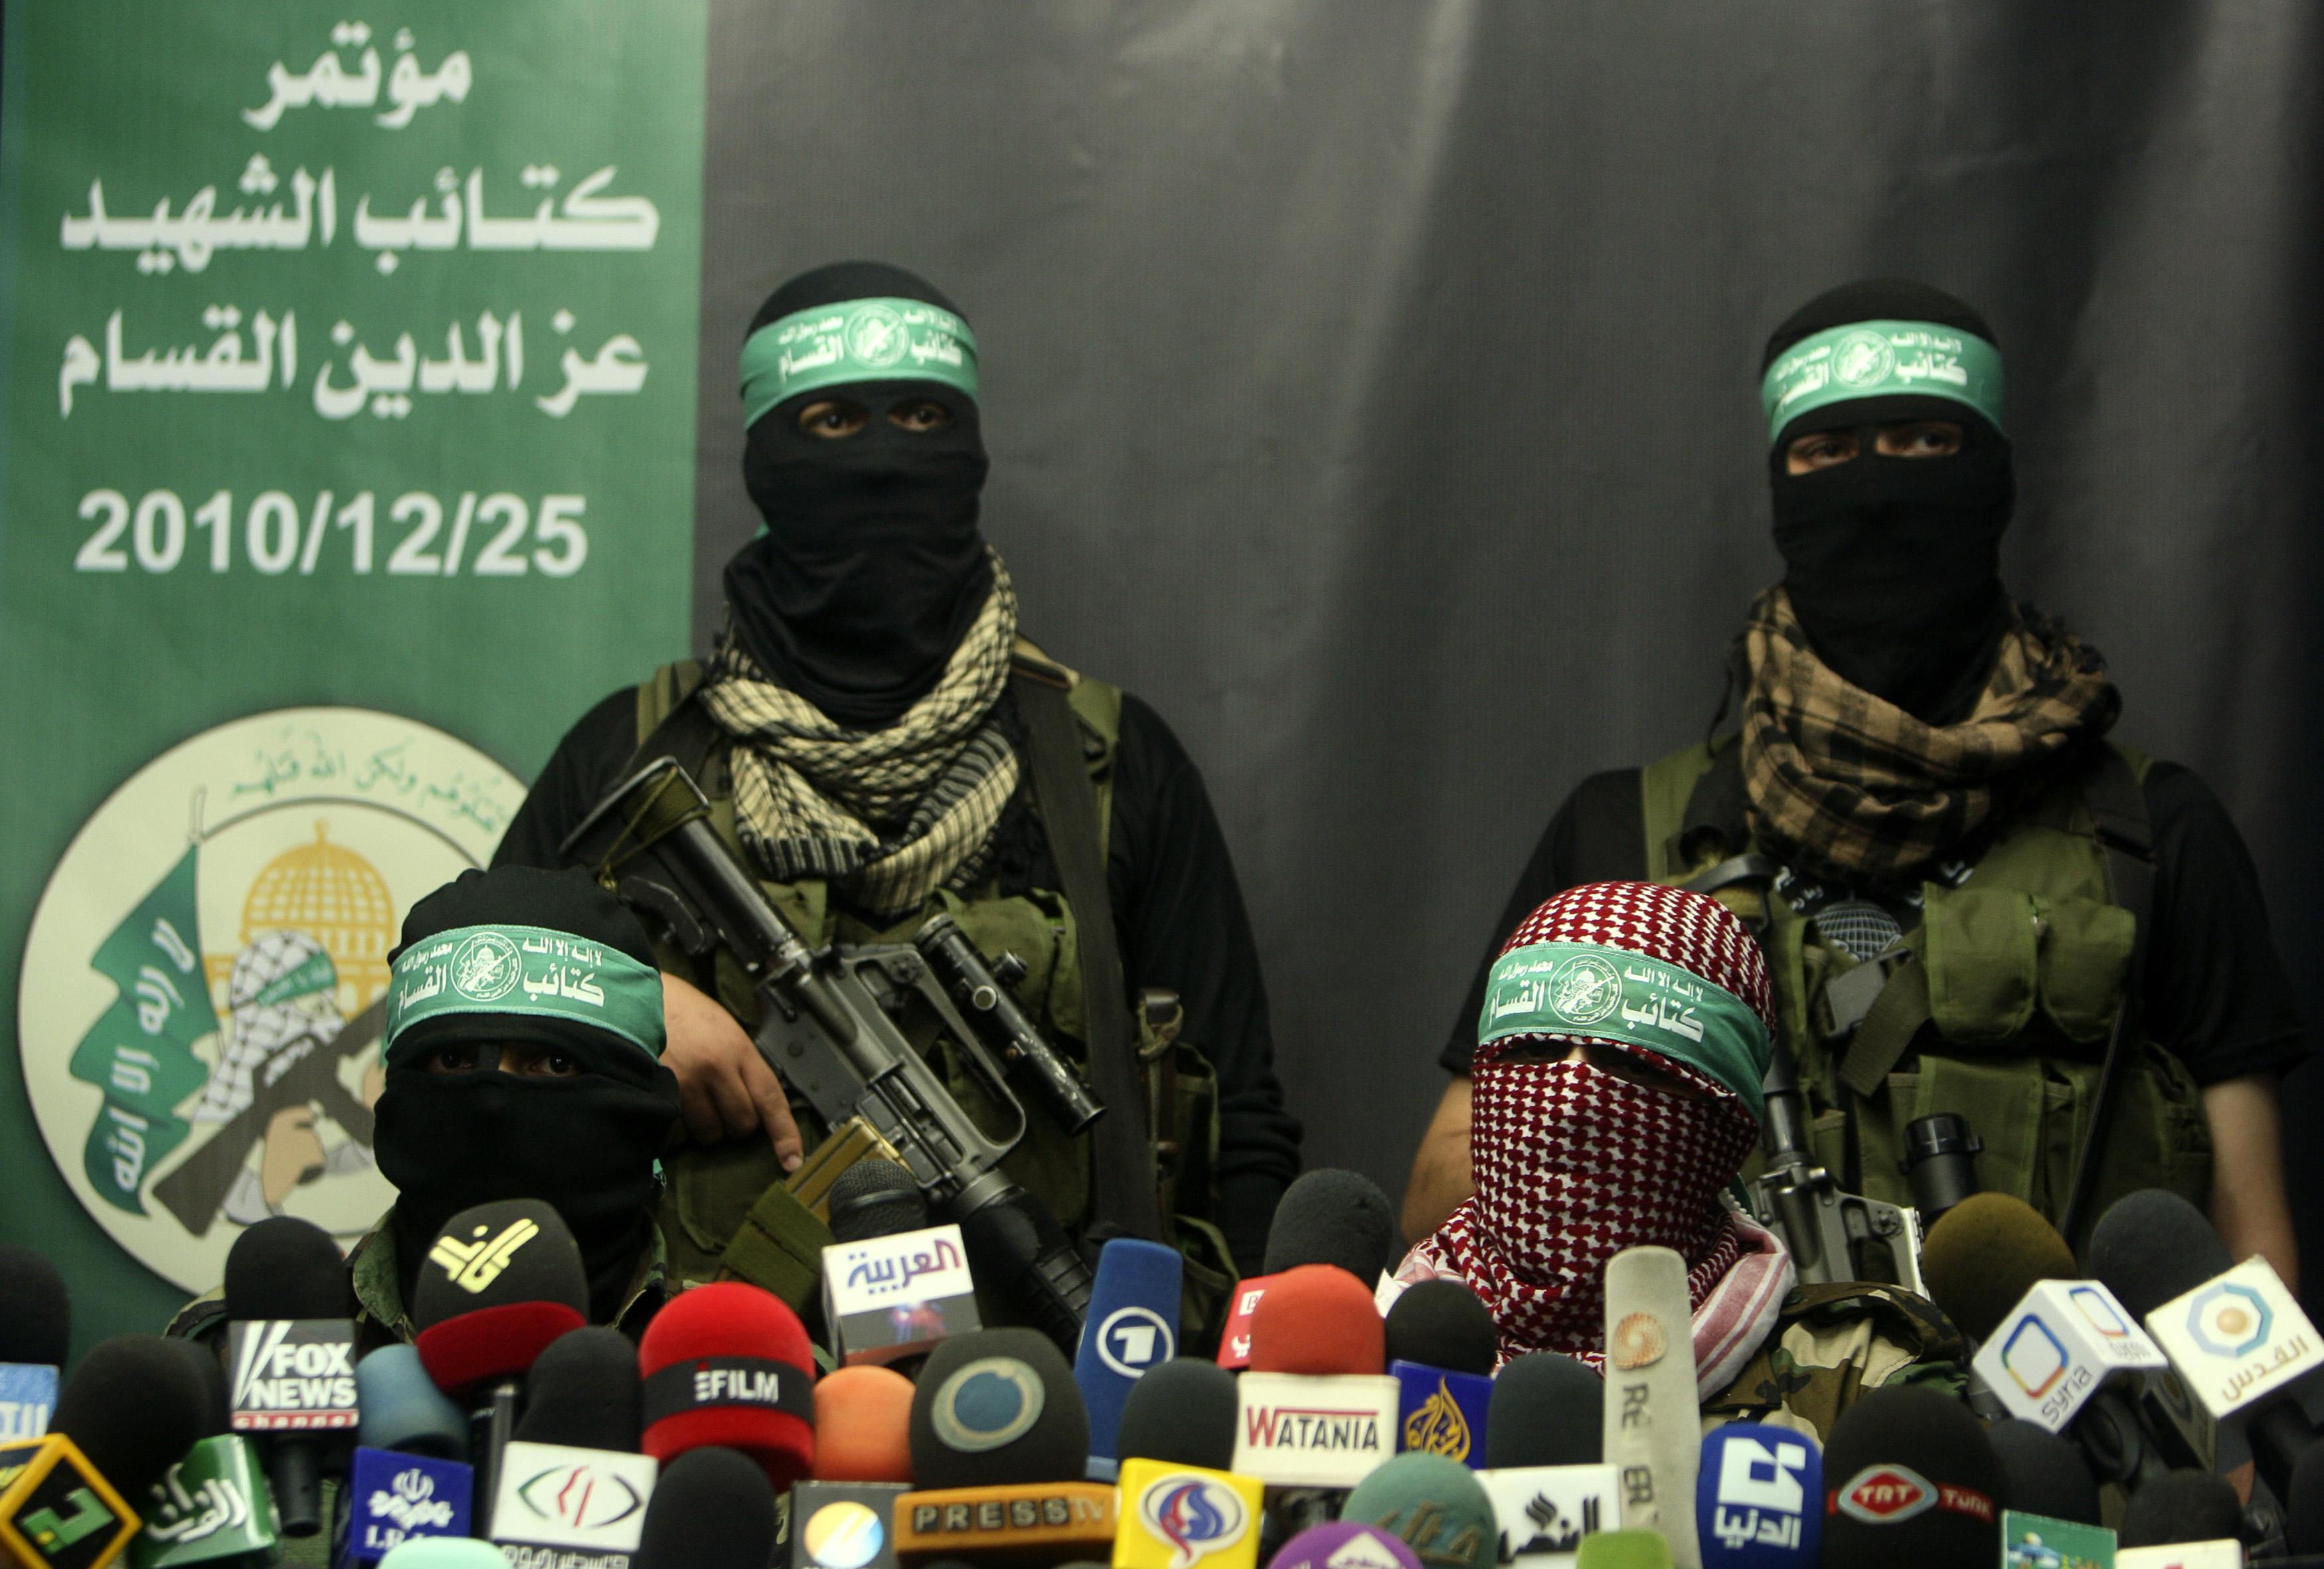 Wer wird USA next Top Terrorist Group?